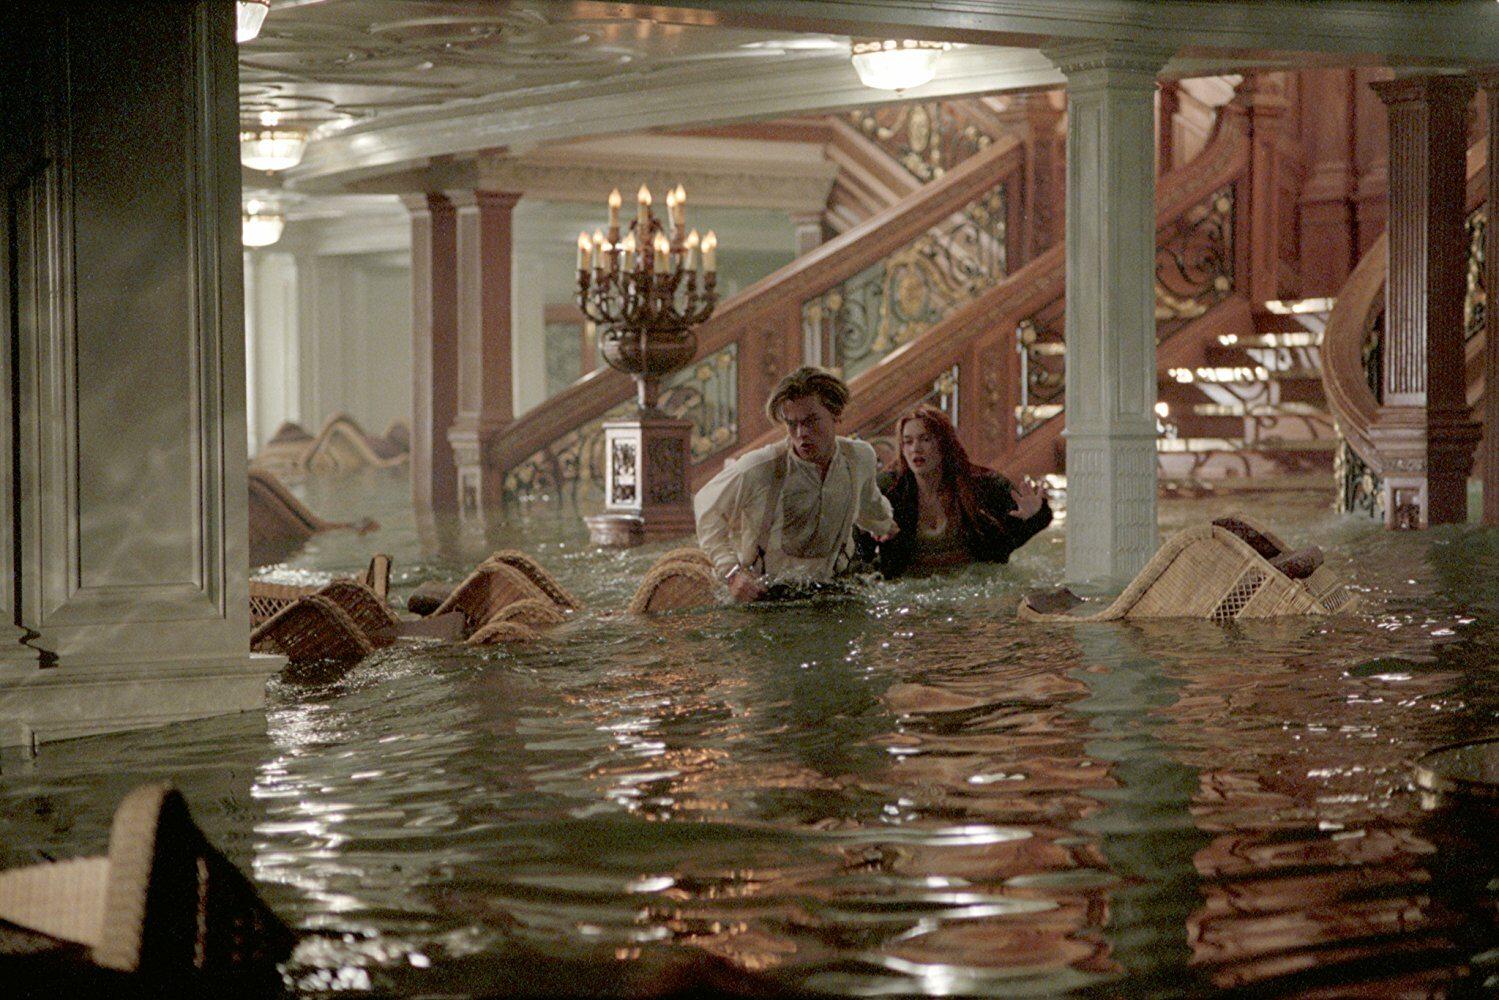 """W którym roku powstał film """"Titanic"""" w reżyserii Jamesa Camerona?"""